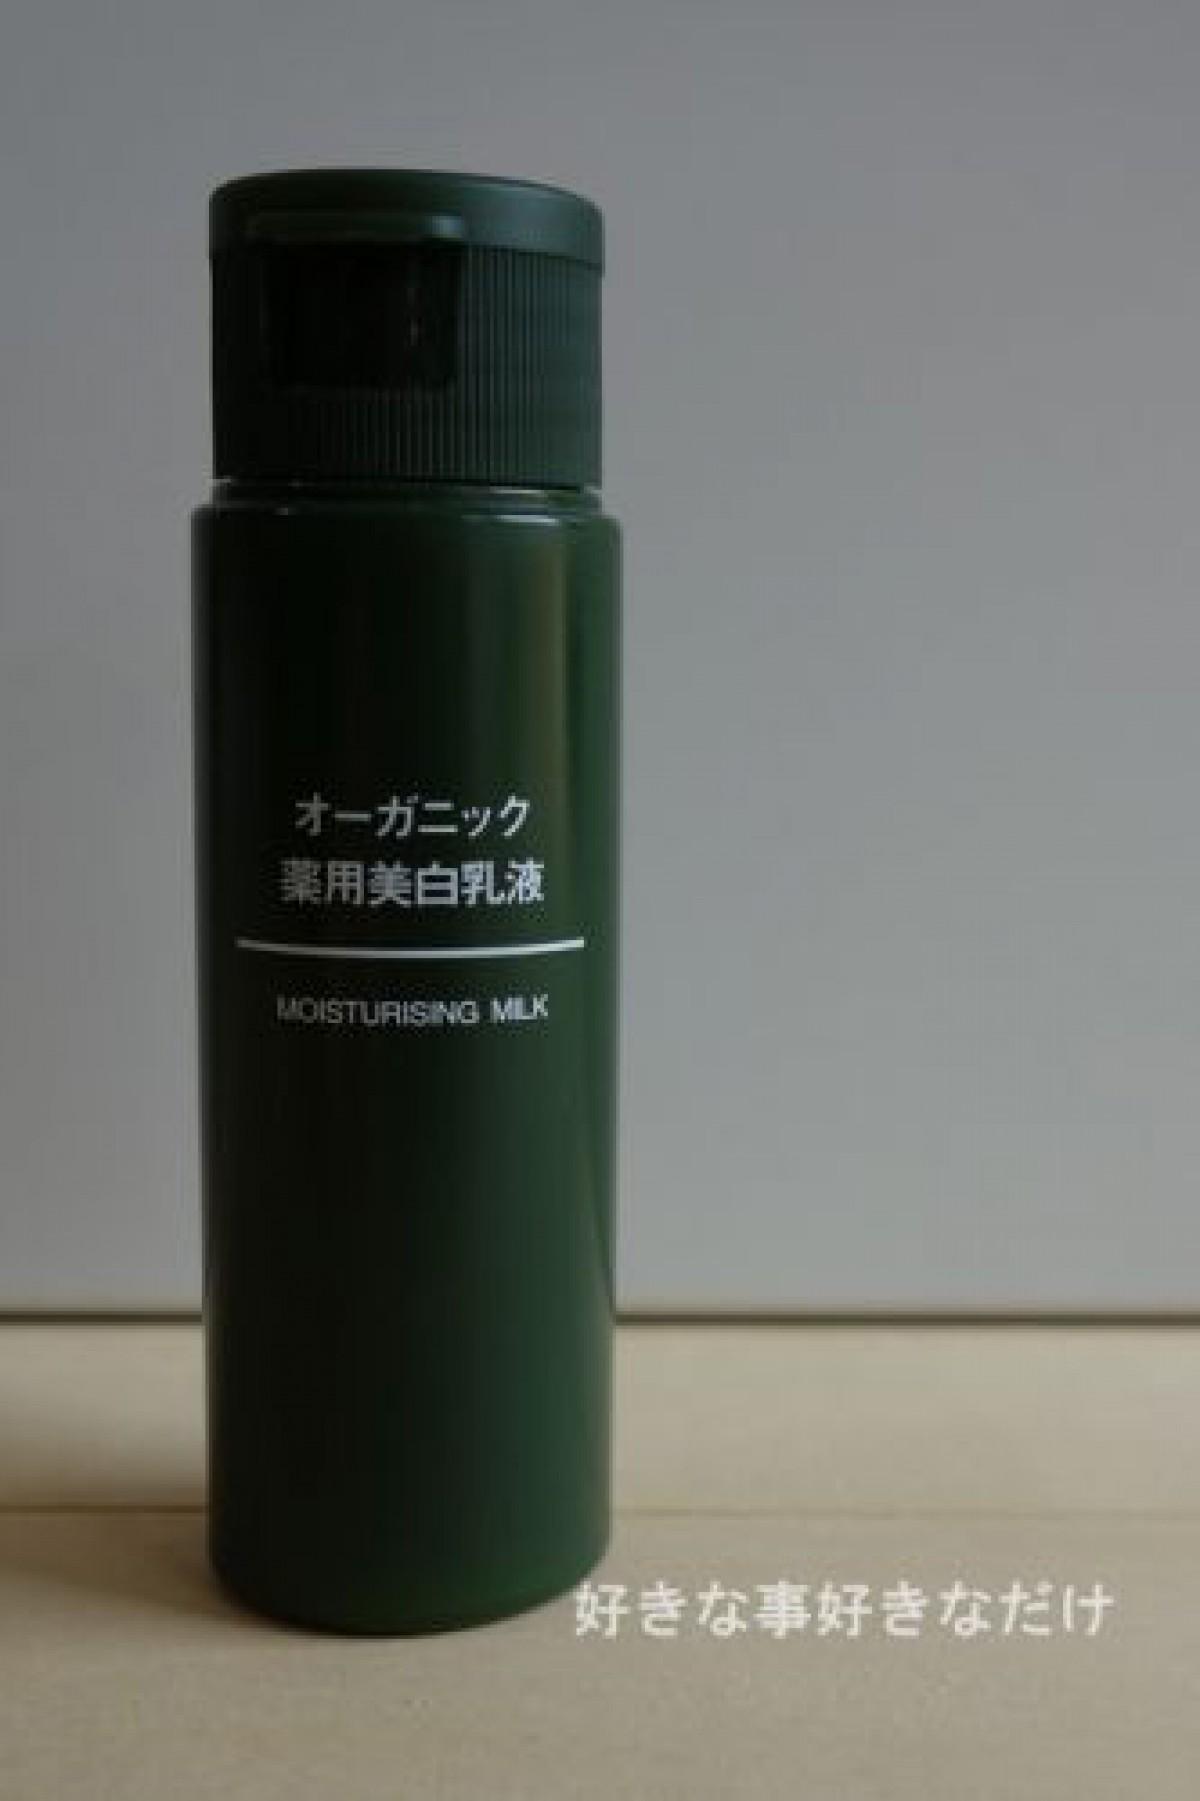 【コスメレポ】無印良品 オーガニック薬用美白化粧液